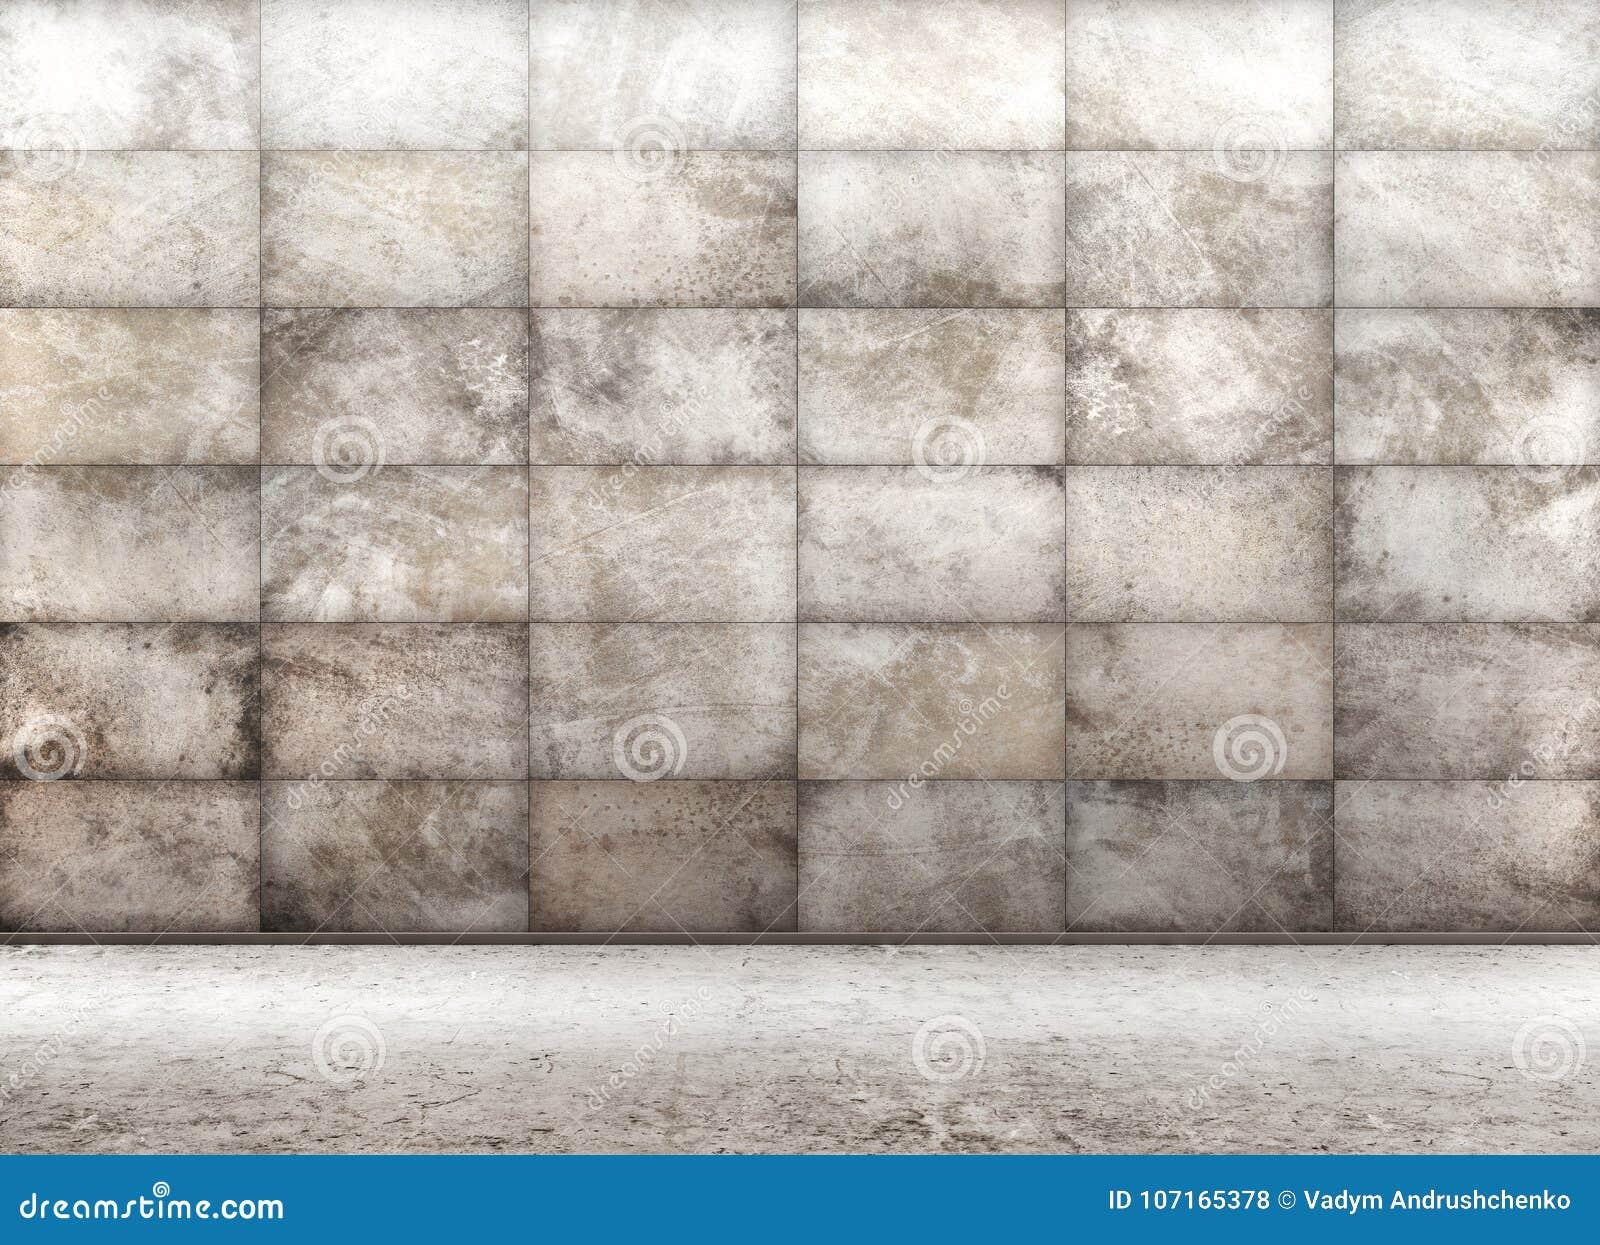 Beton taflował ściennego, wewnętrznego tła 3d rendering,